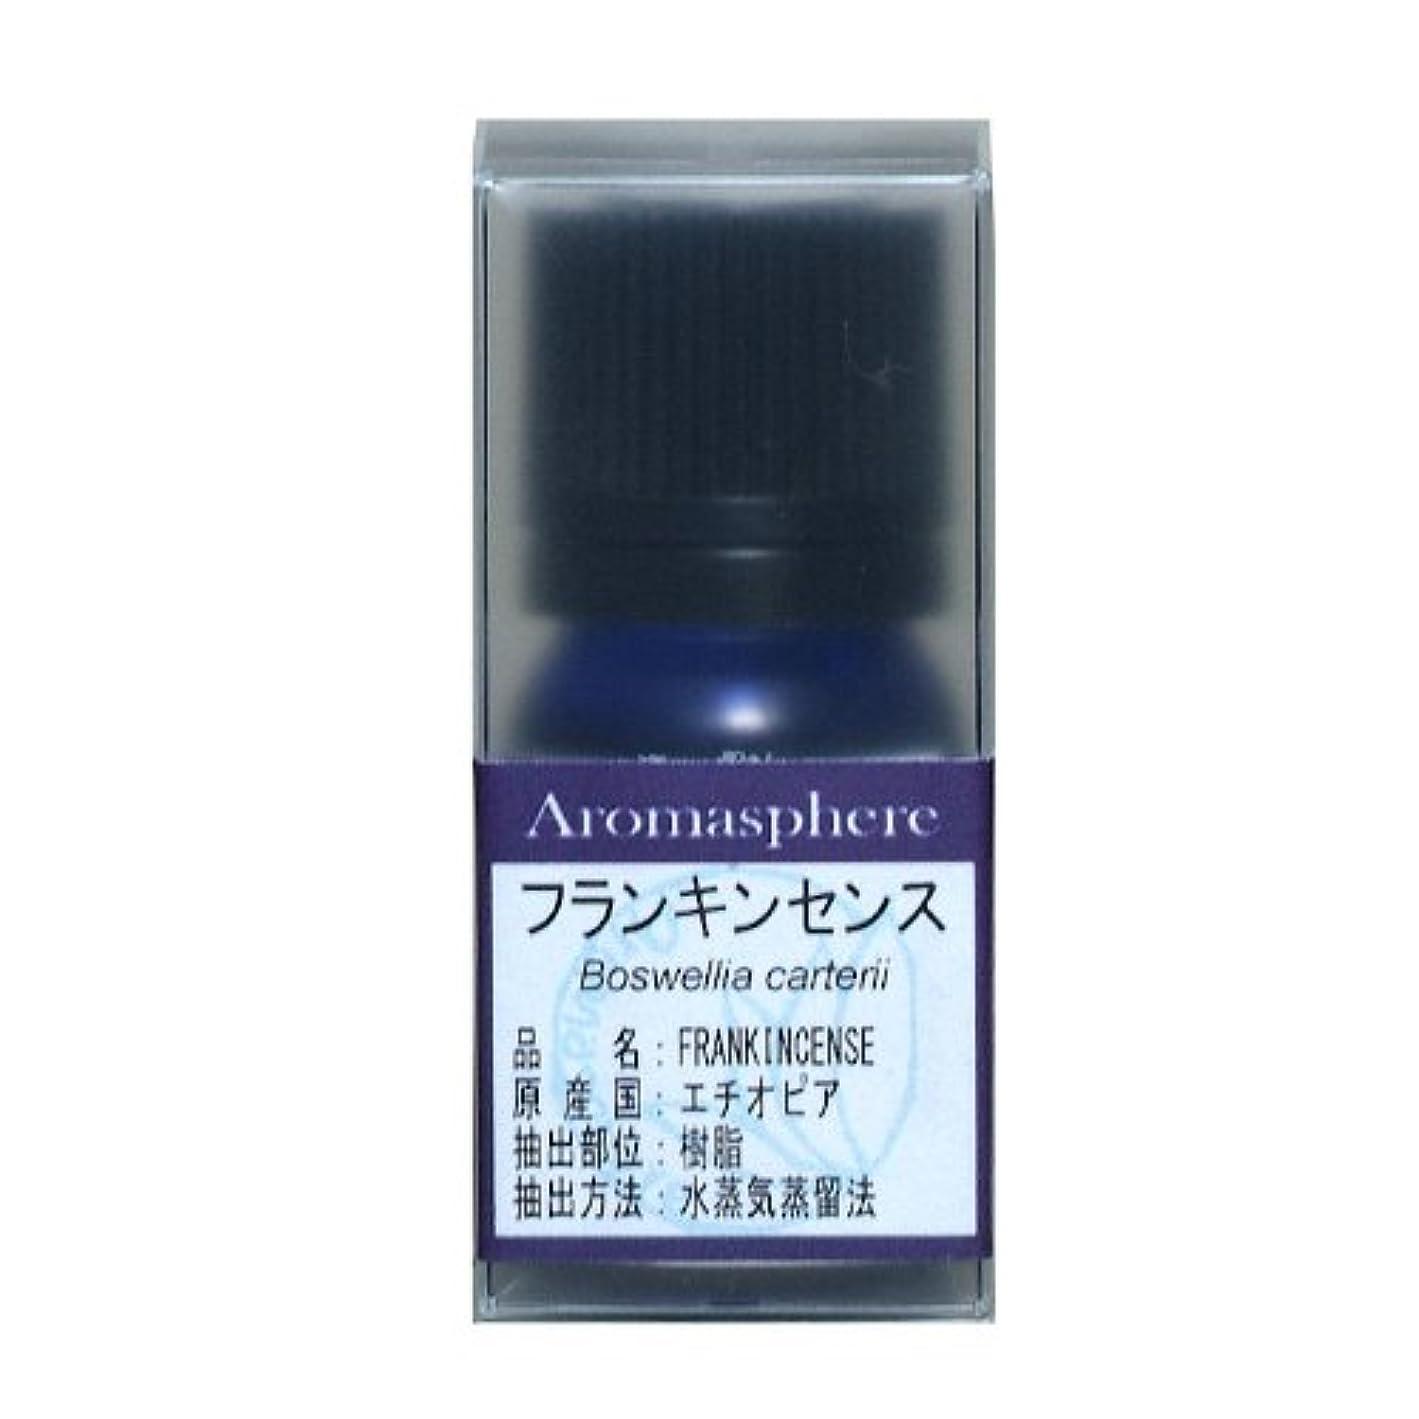 傷つけるハンディ不機嫌【アロマスフィア】フランキンセンス 5ml エッセンシャルオイル(精油)